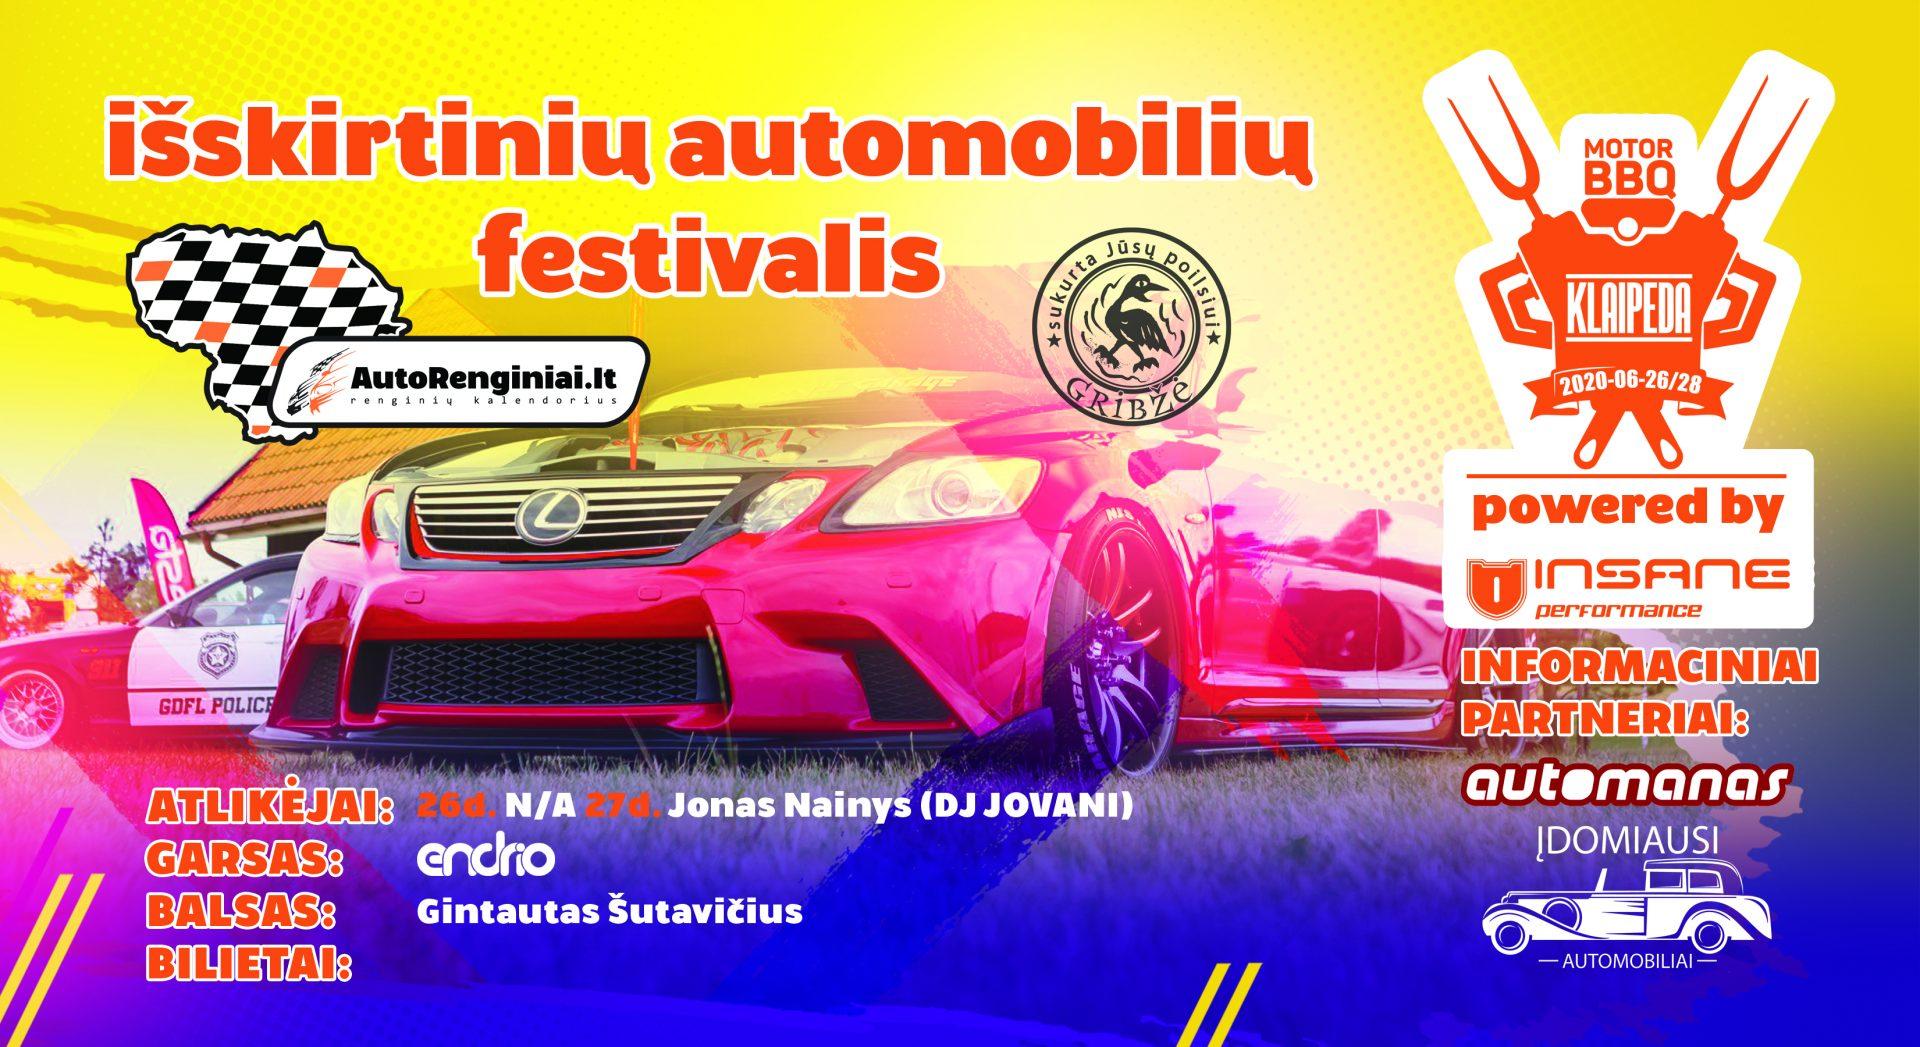 Išskirtinių automobilių festivalis – Klaipėda Motor BBQ 2020 powered by Insane Performance